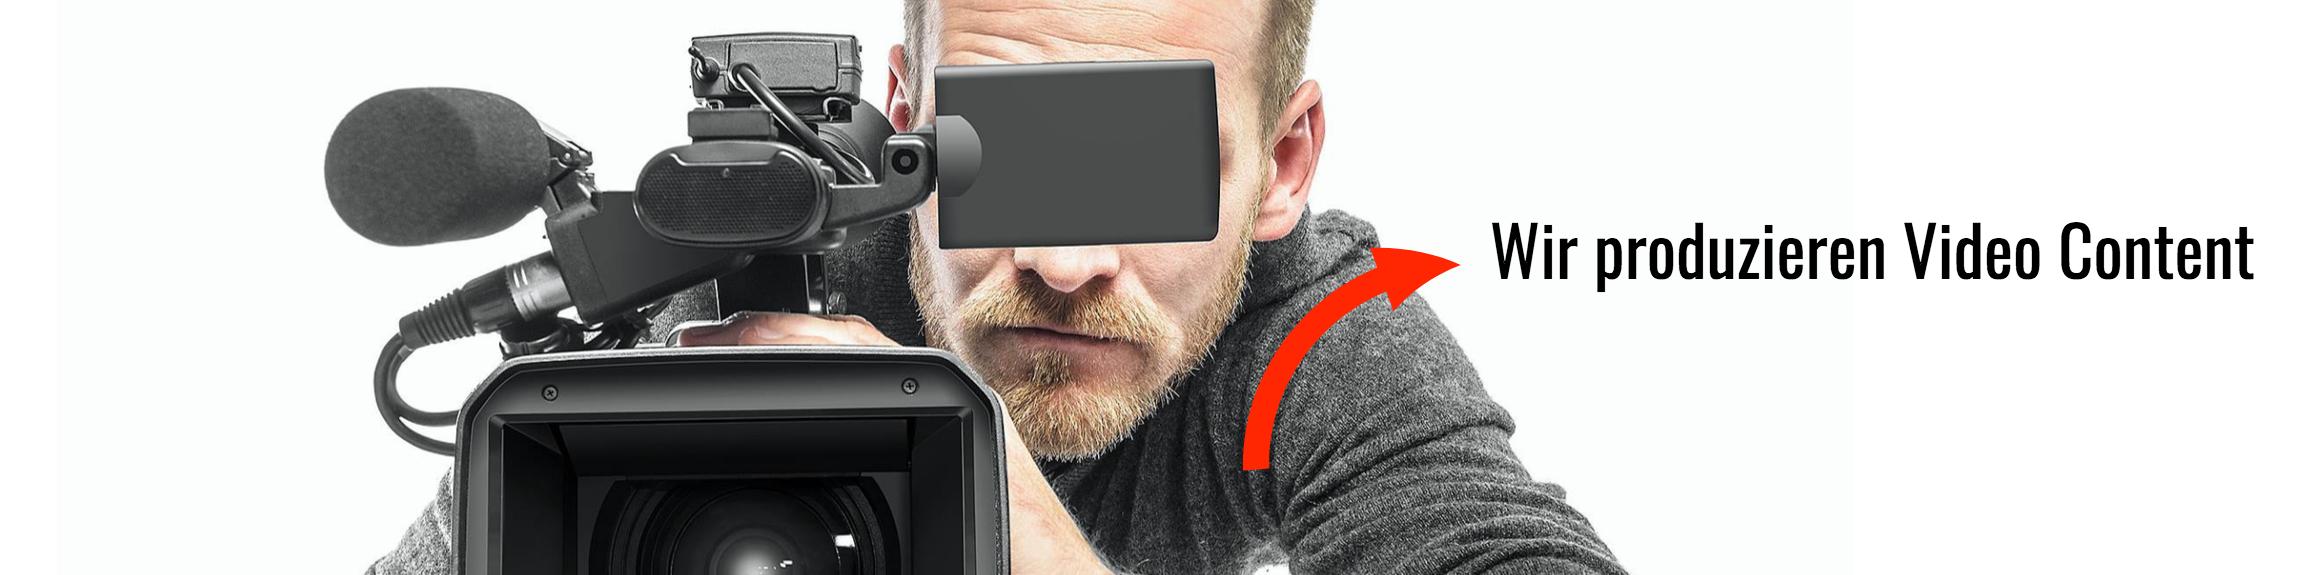 shortClip-Video-Marketing-Video-Content-erstellen-lassen